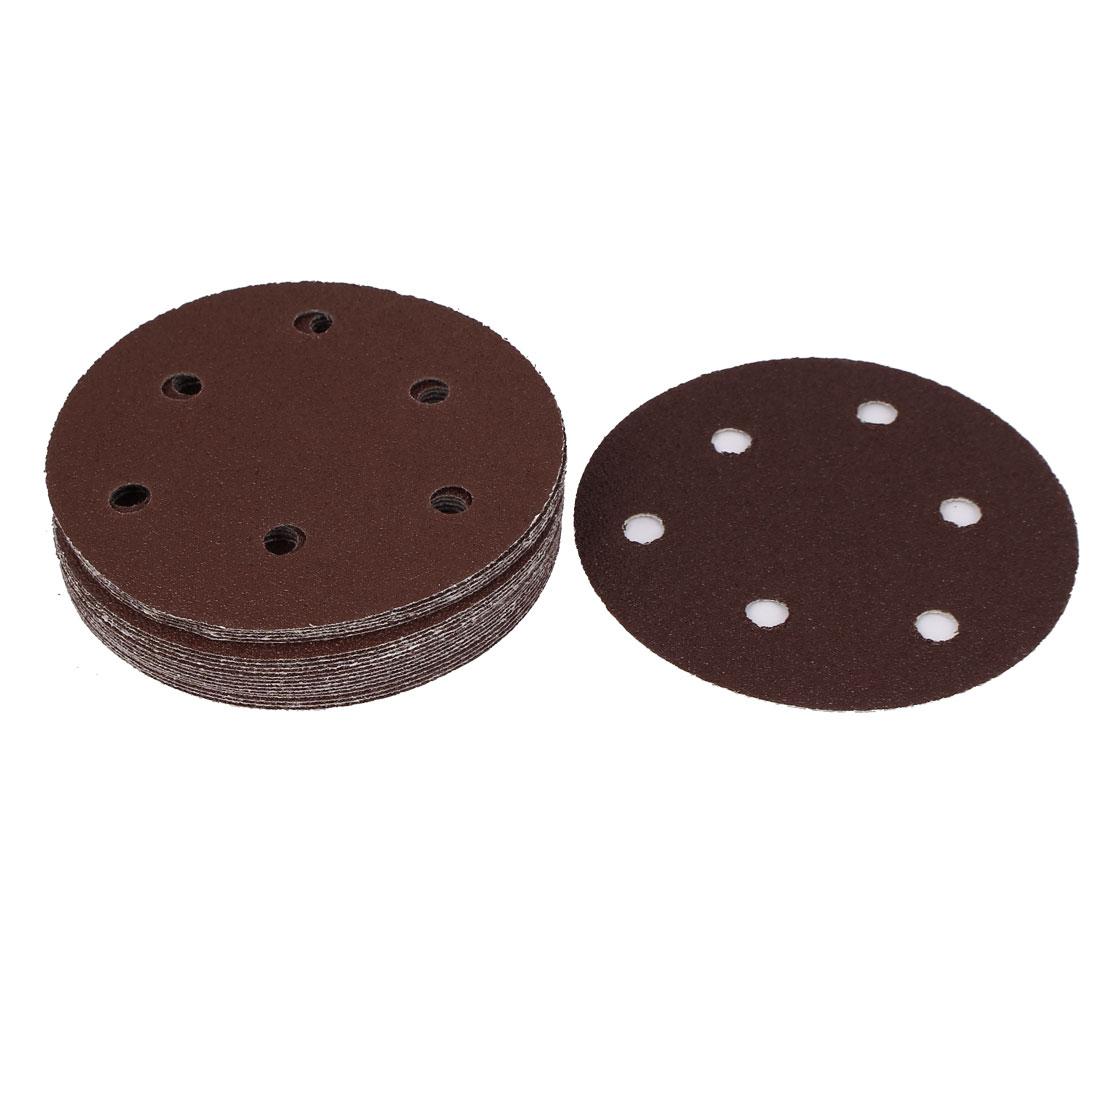 125mm Diameter 60 Grit Self Adhesive Sanding Discs Brown 20PCS